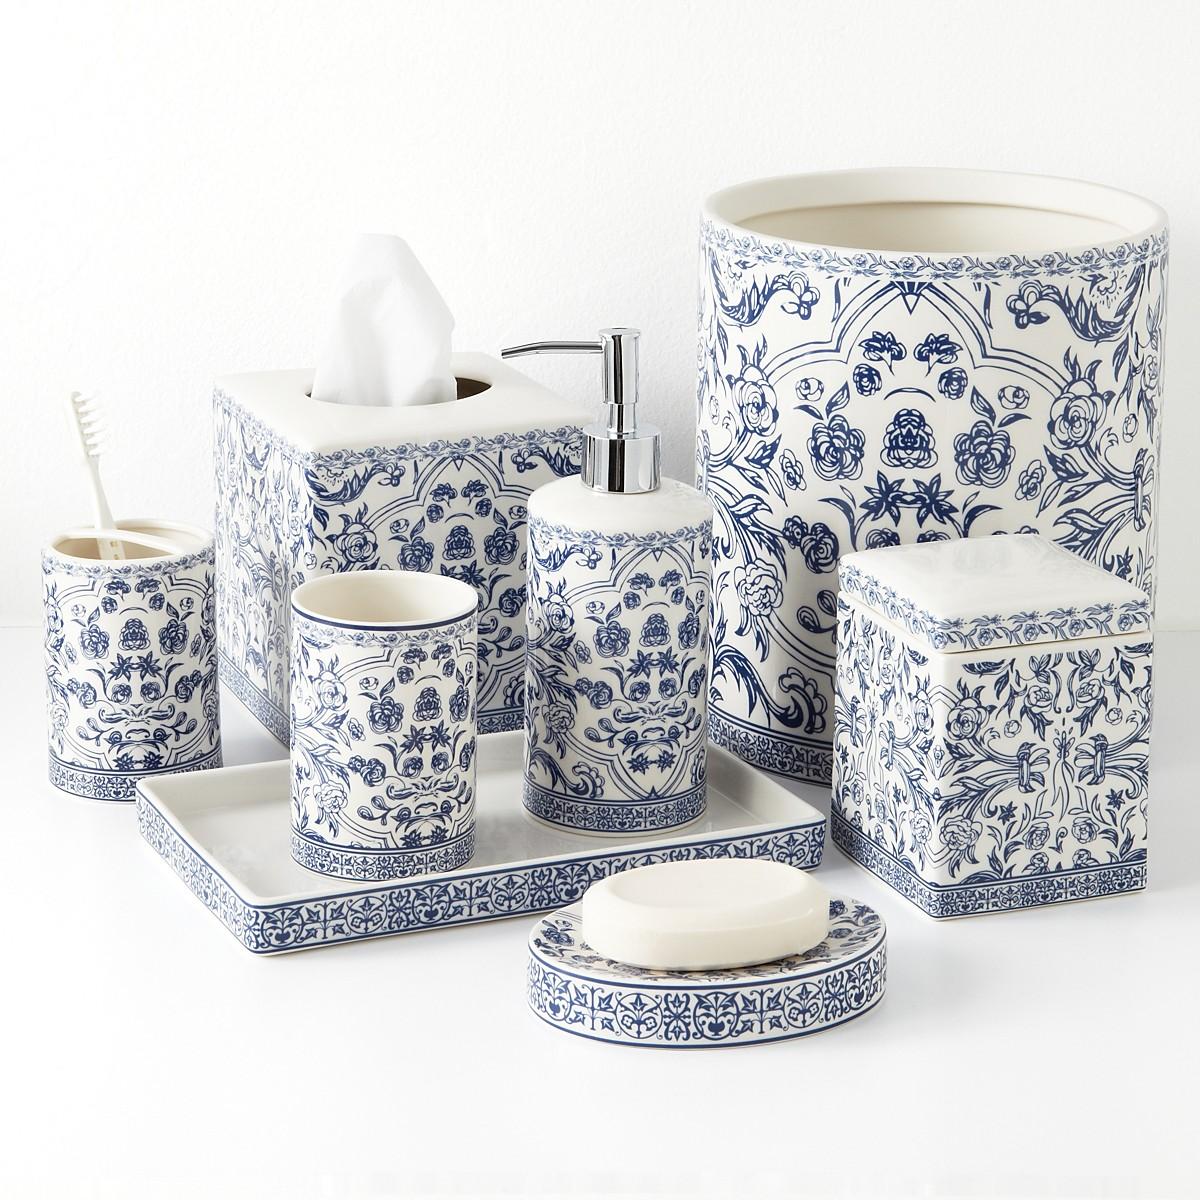 Kassatex Orsay Bath Accessories | Bloomingdale\'s Wedding & Gift Registry